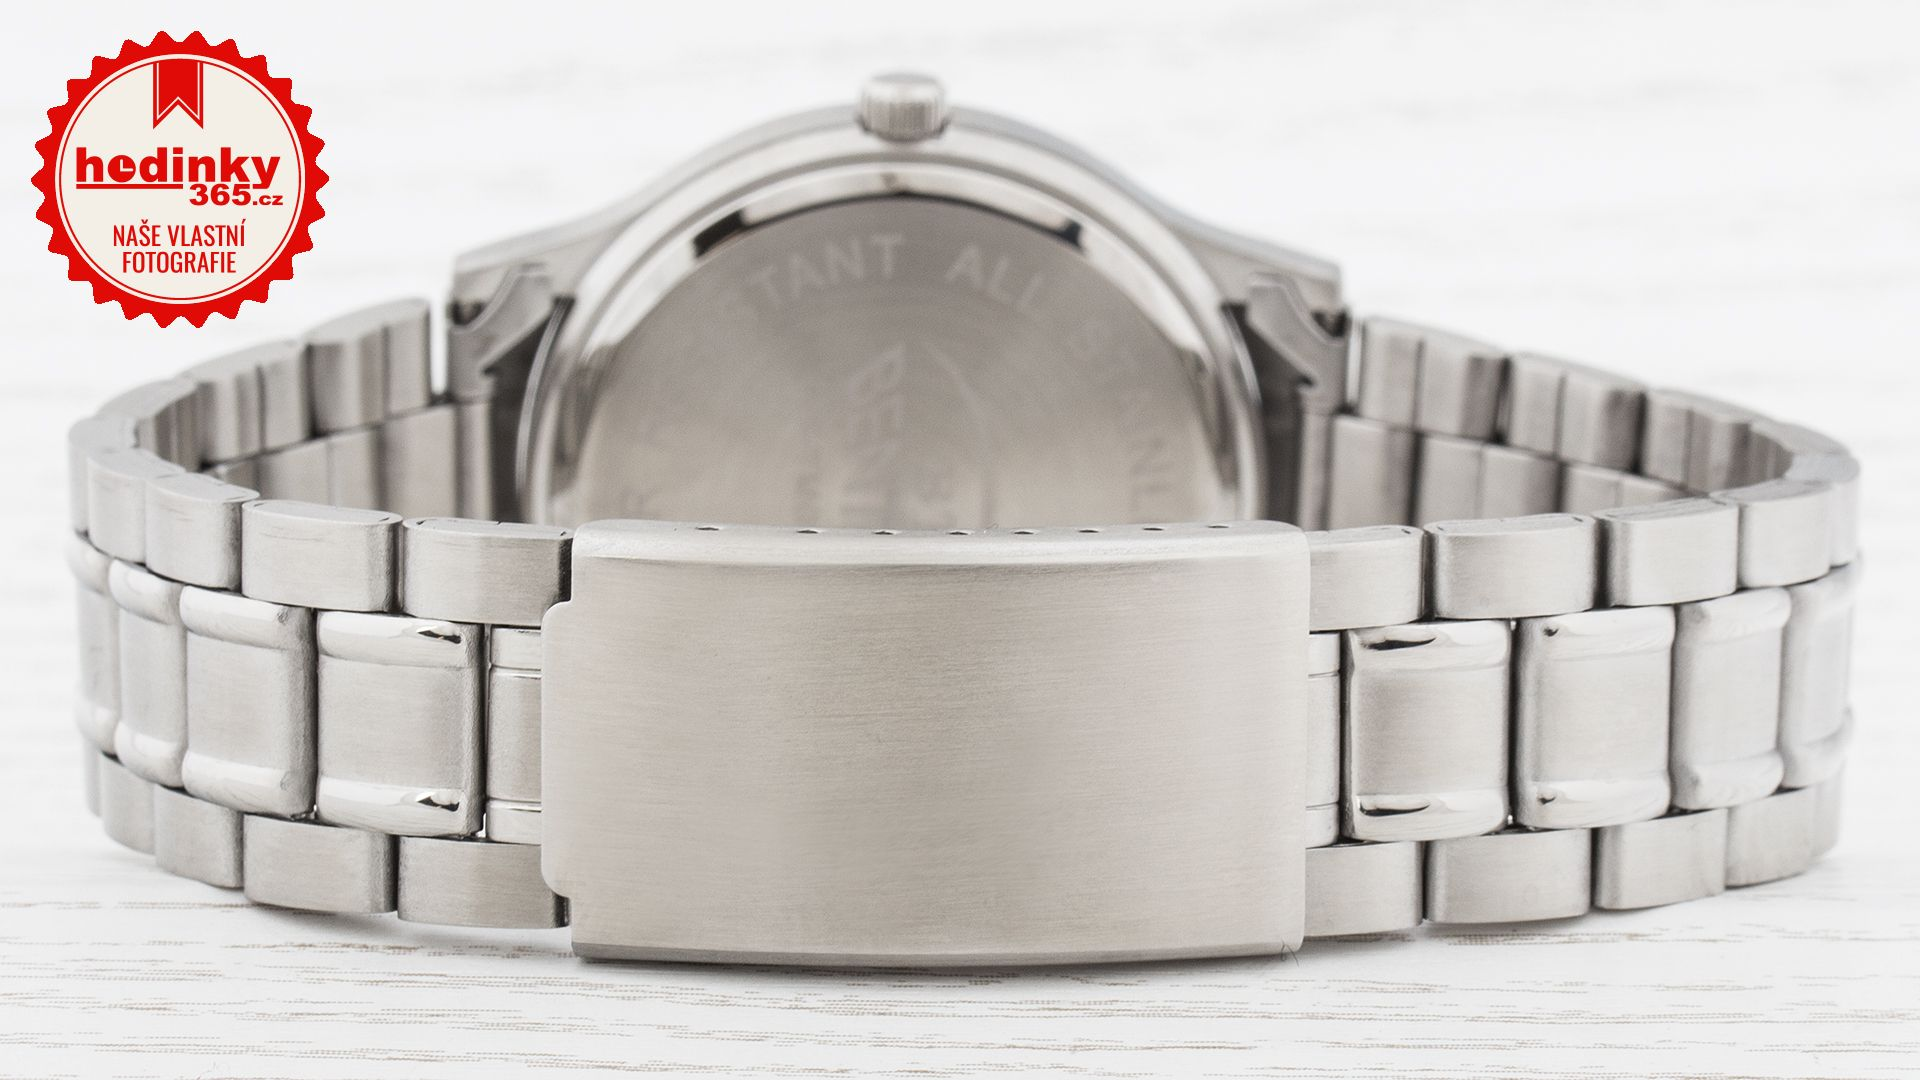 ccff4d845 Bentime 005-TMG3882B. Pánské hodinky - ocelový řemínek, ocel pouzdro,  minerální sklíčko. Veškeré technické parametry naleznete níže